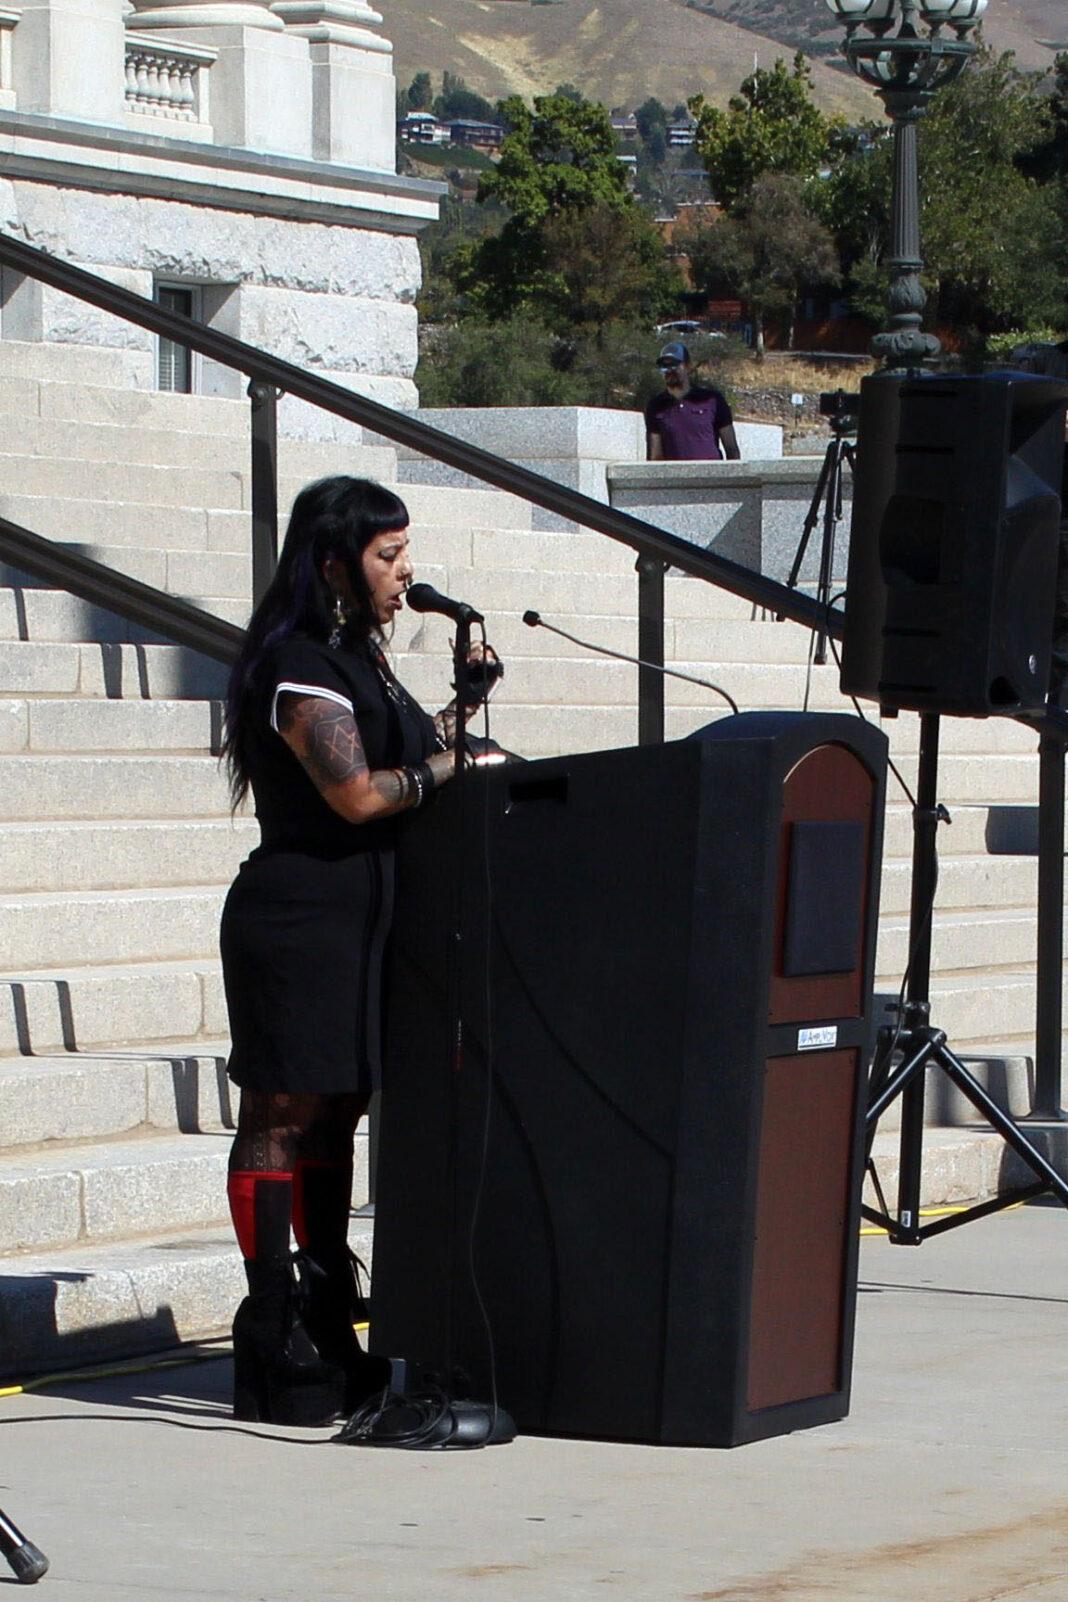 Noelia Citialin at podium